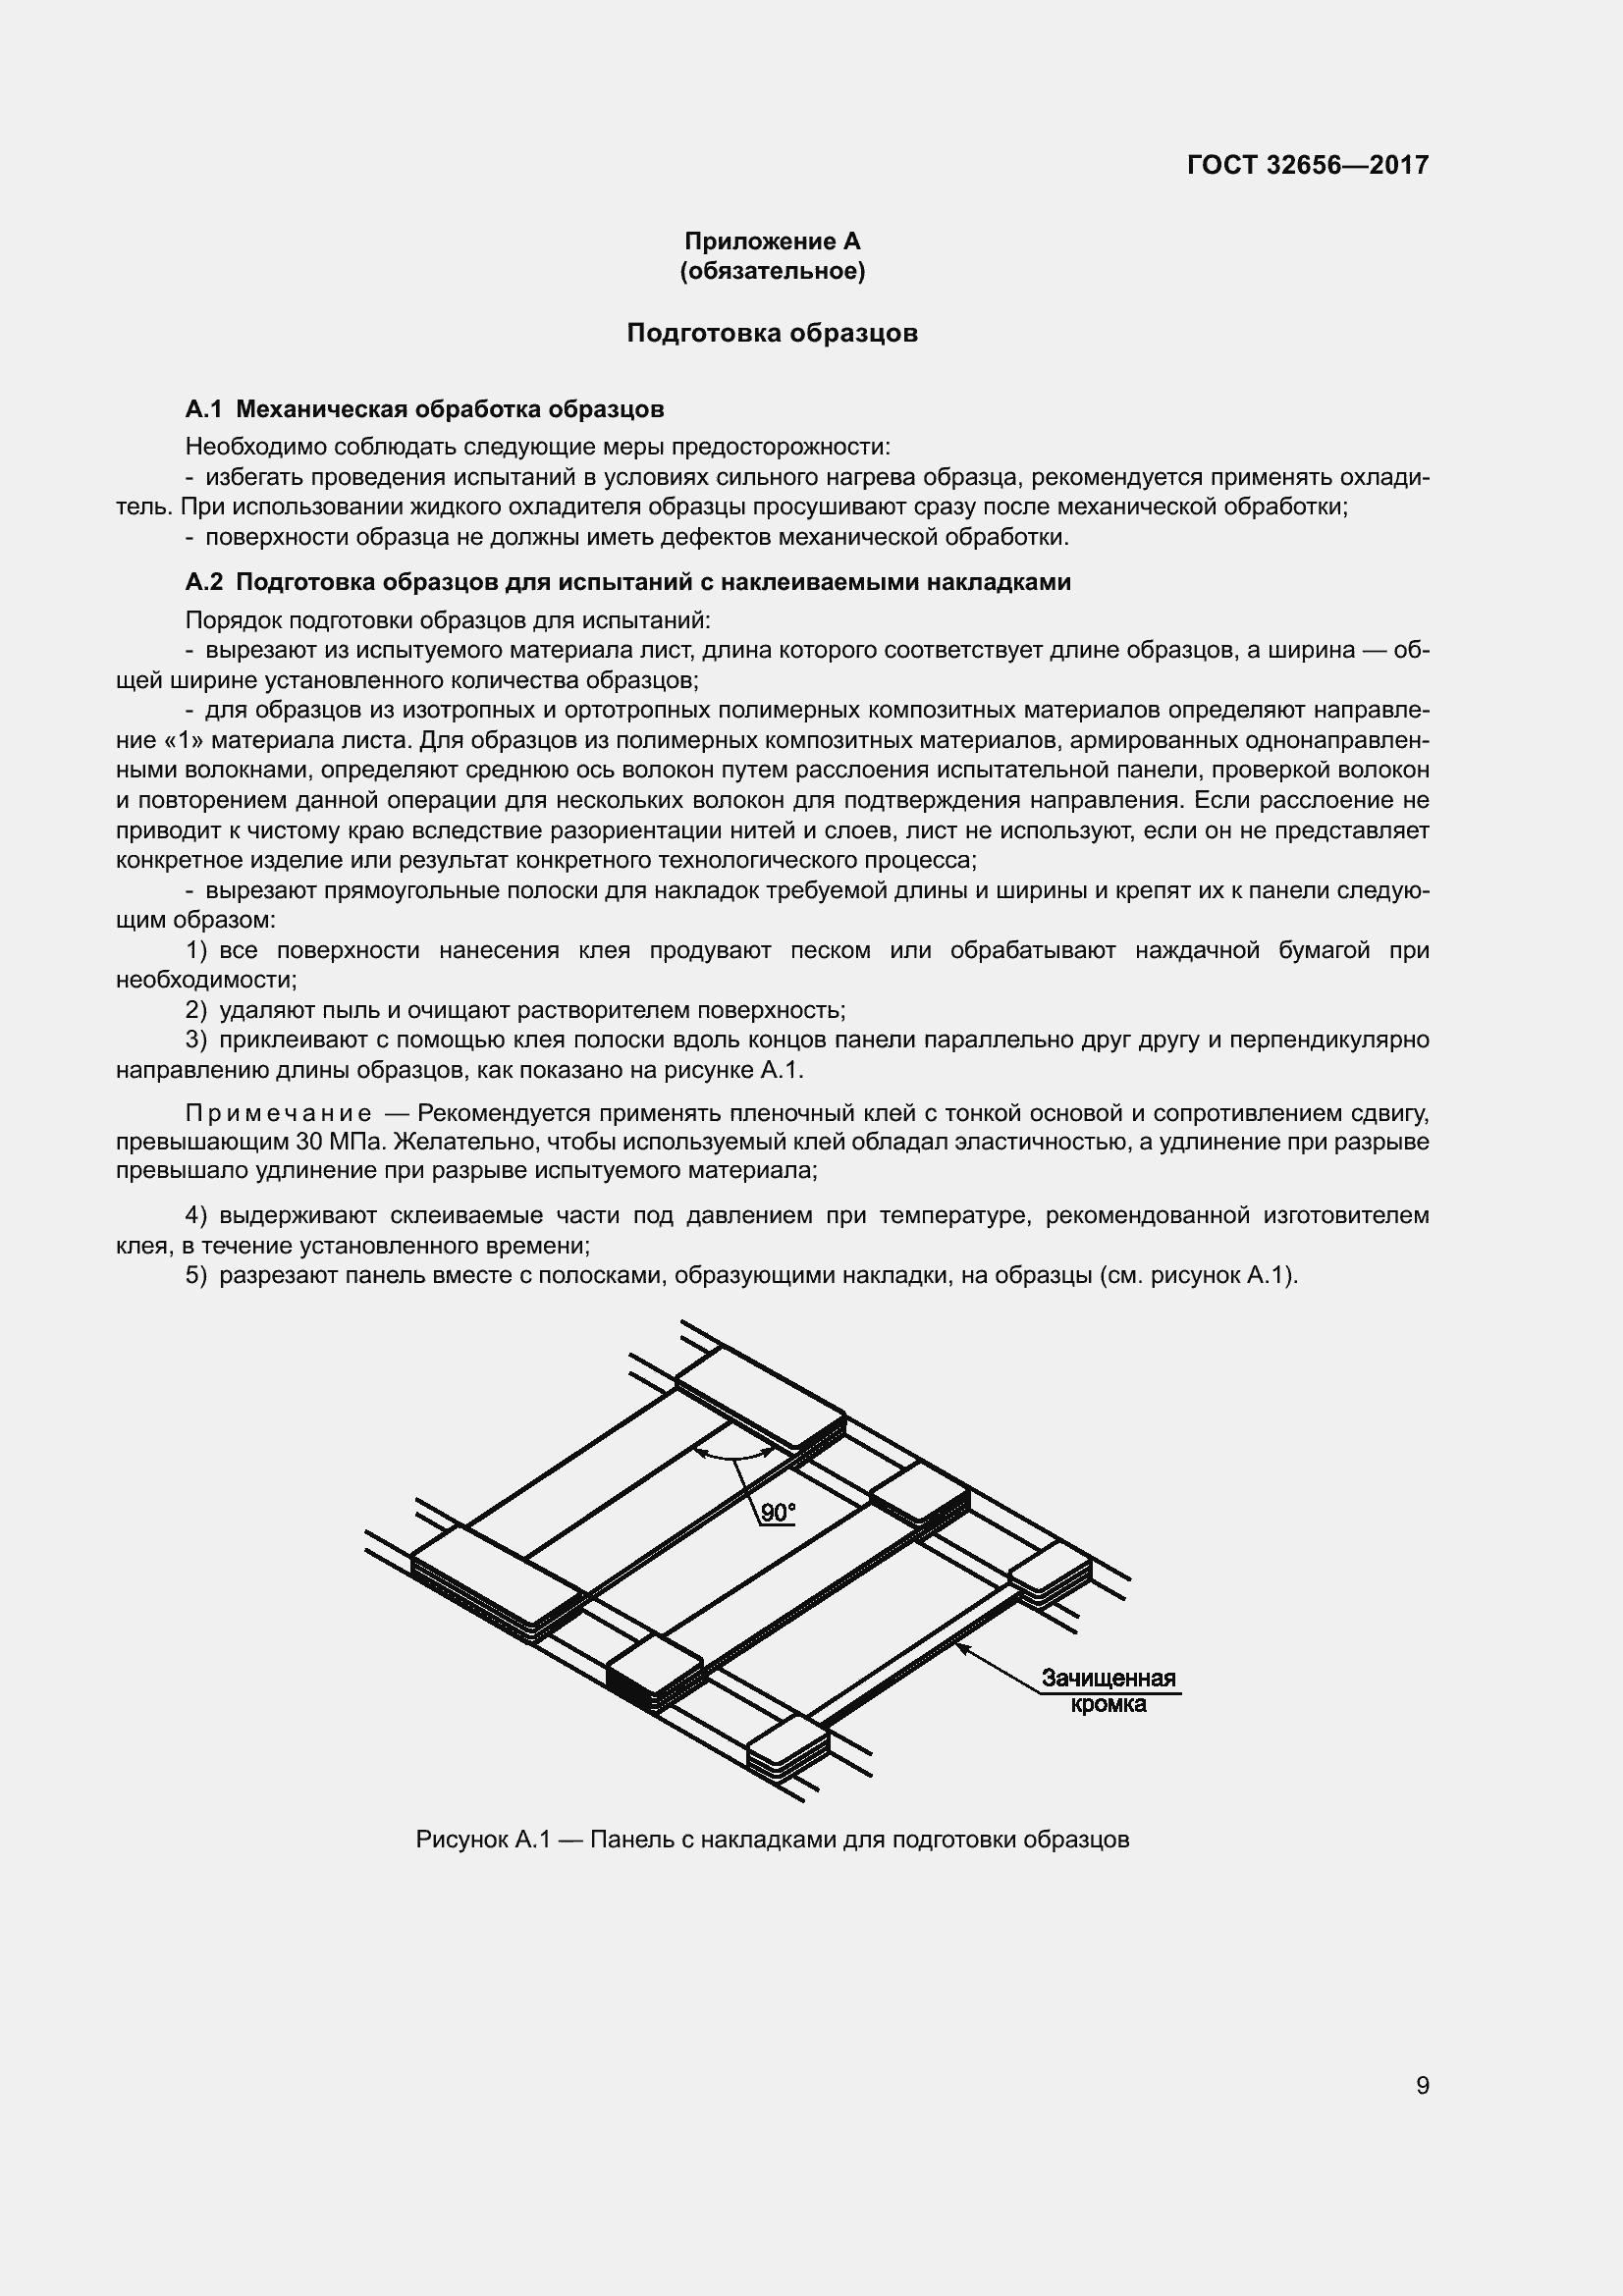 ГОСТ 32656-2017  Композиты полимерные  Методы испытаний  Испытания